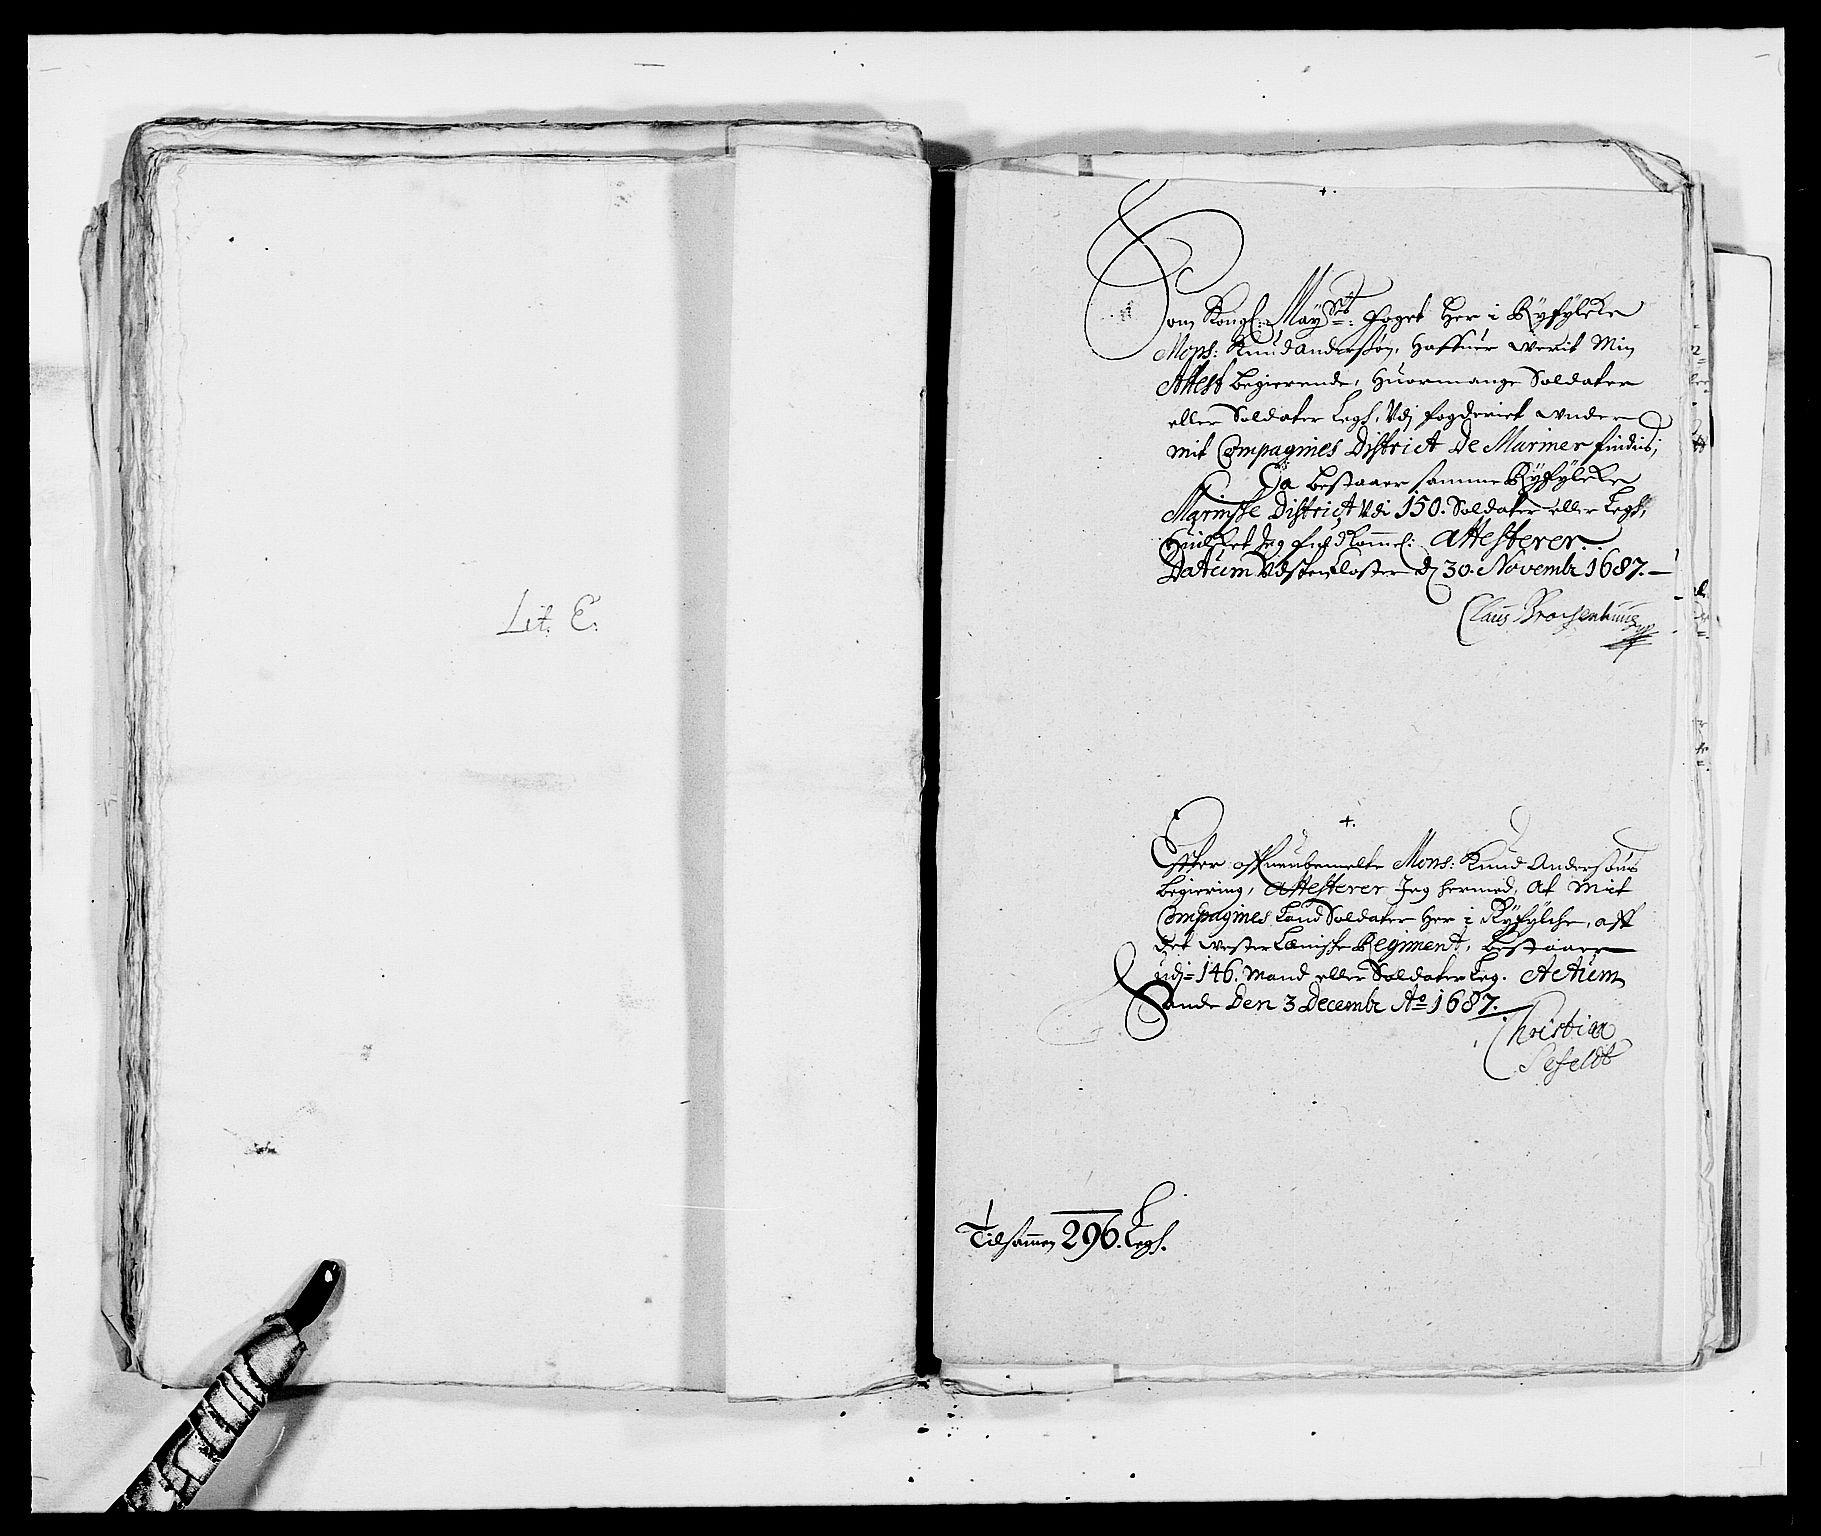 RA, Rentekammeret inntil 1814, Reviderte regnskaper, Fogderegnskap, R47/L2855: Fogderegnskap Ryfylke, 1685-1688, s. 289